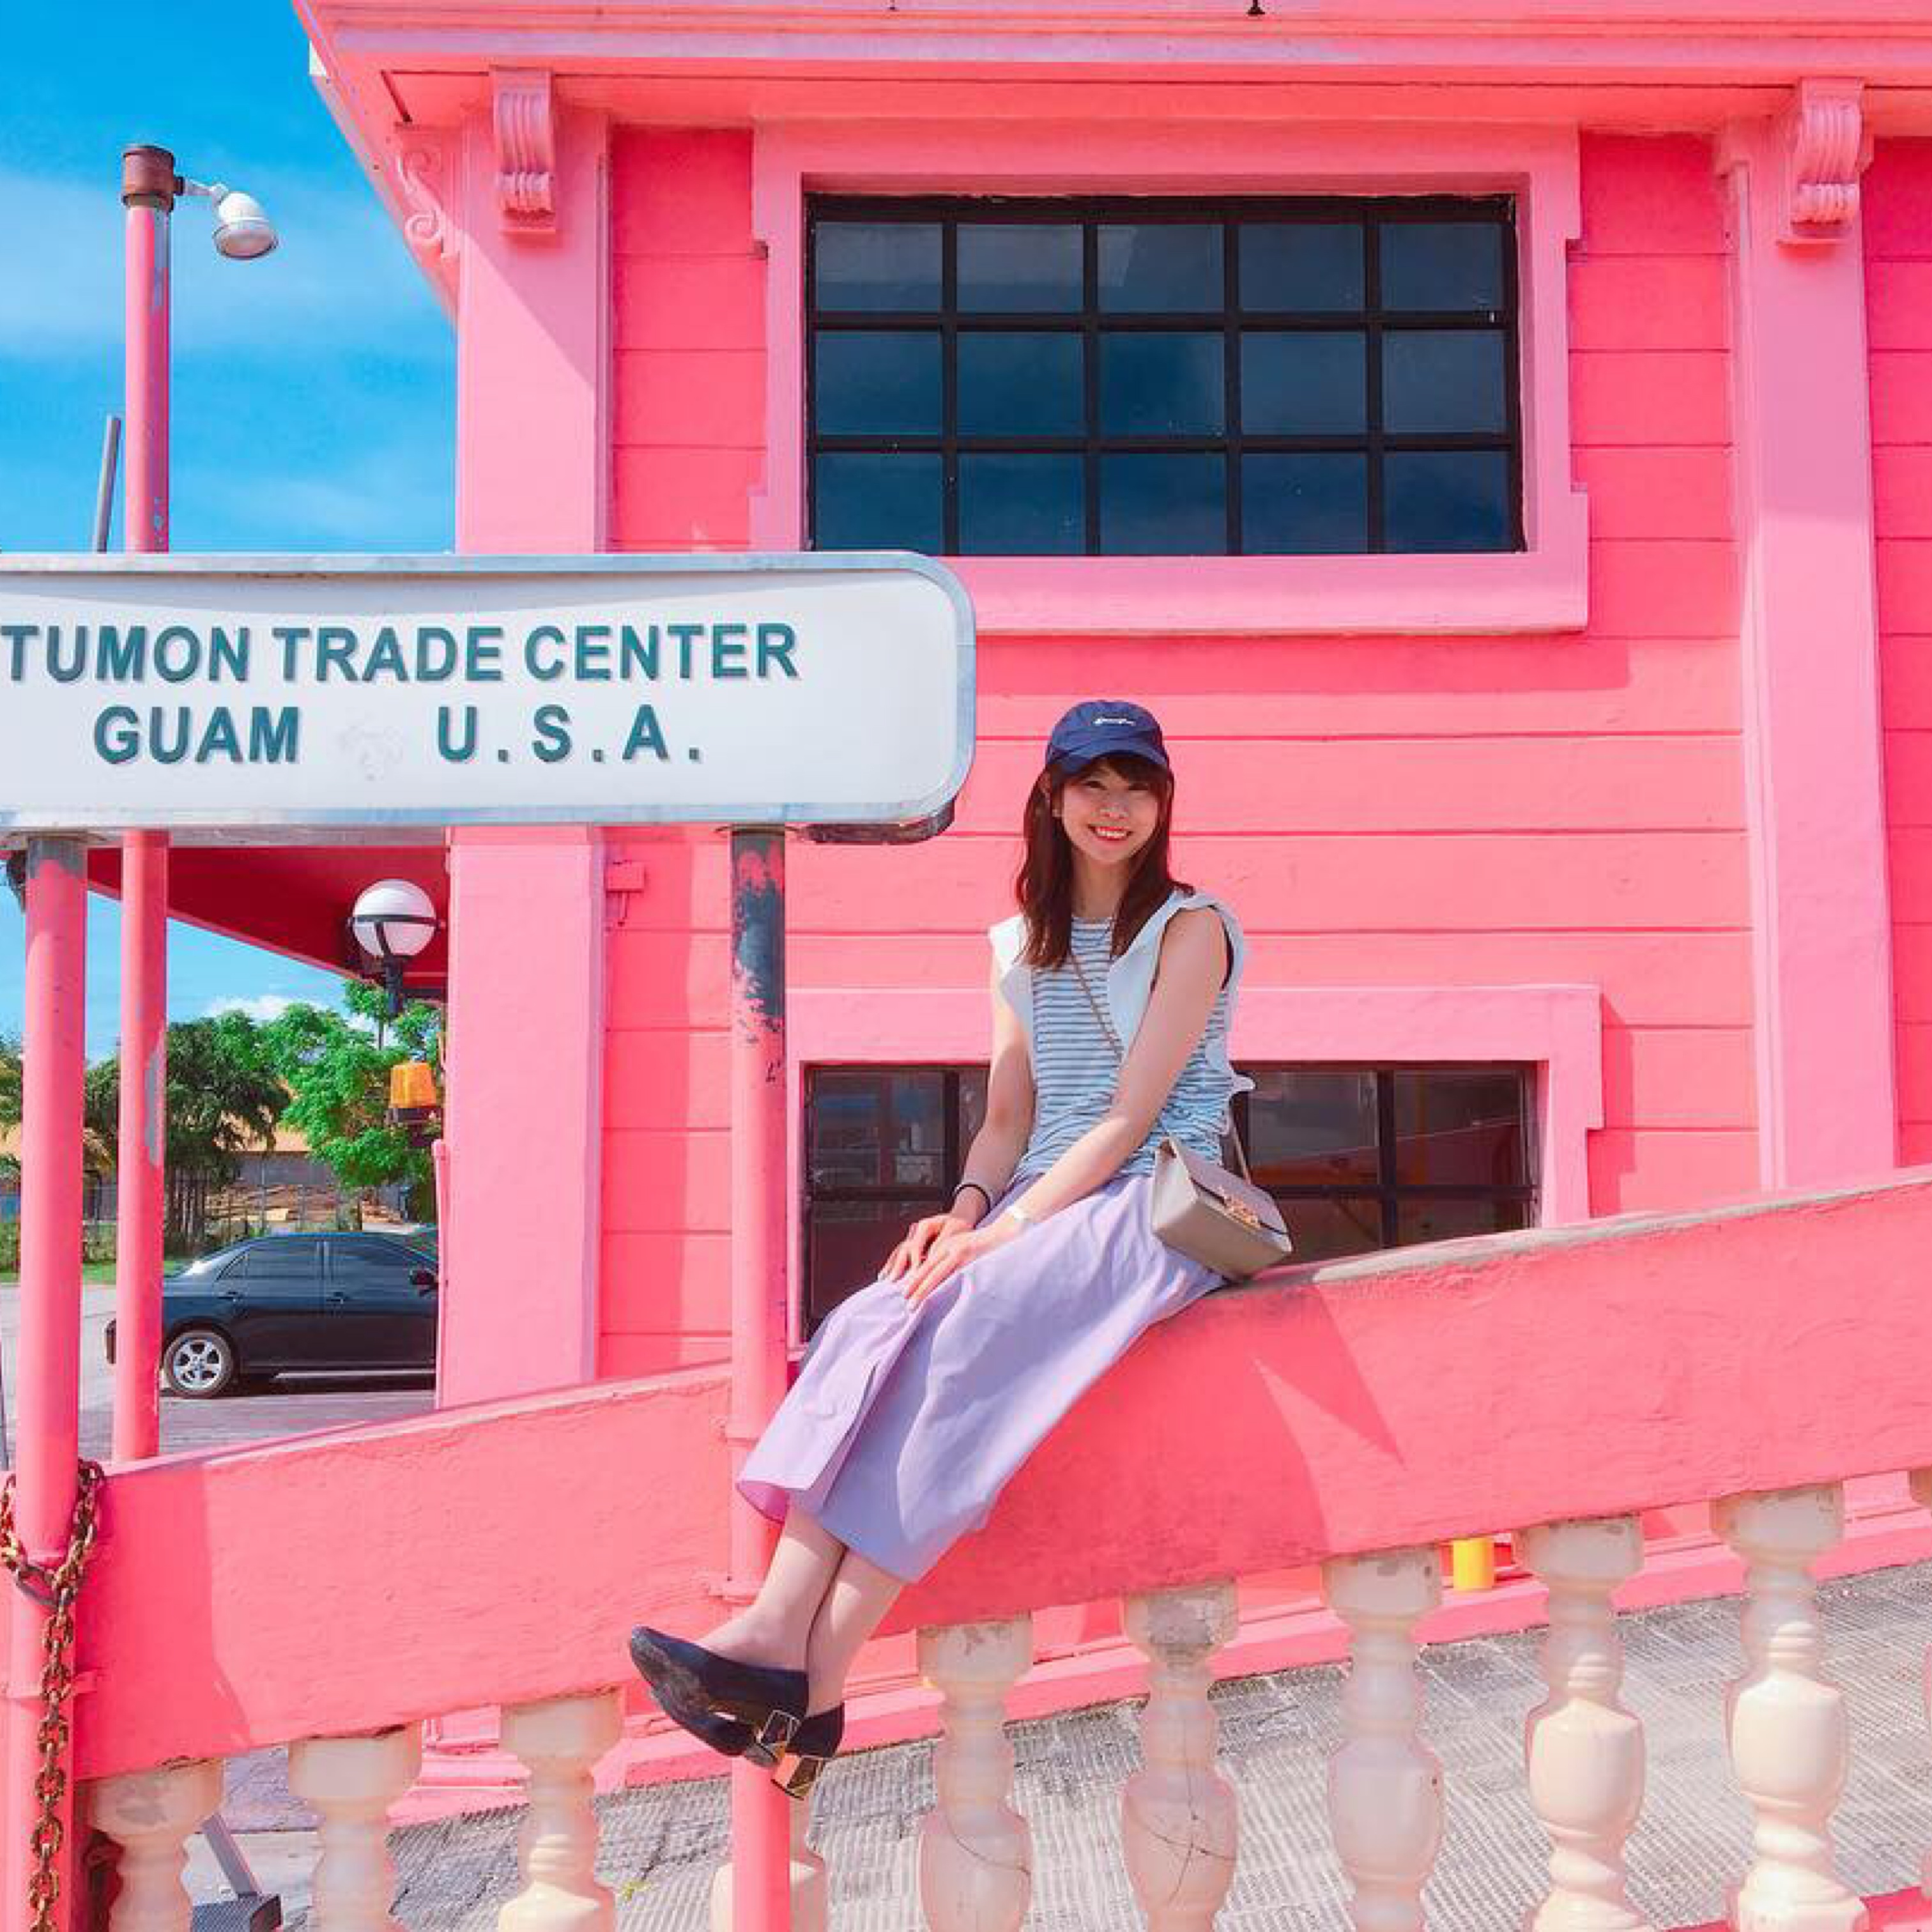 グアム女子旅特集《2019年版》- 旅する女子がおすすめするカフェやグルメ、インスタ映えスポット、ホテルまとめ_19